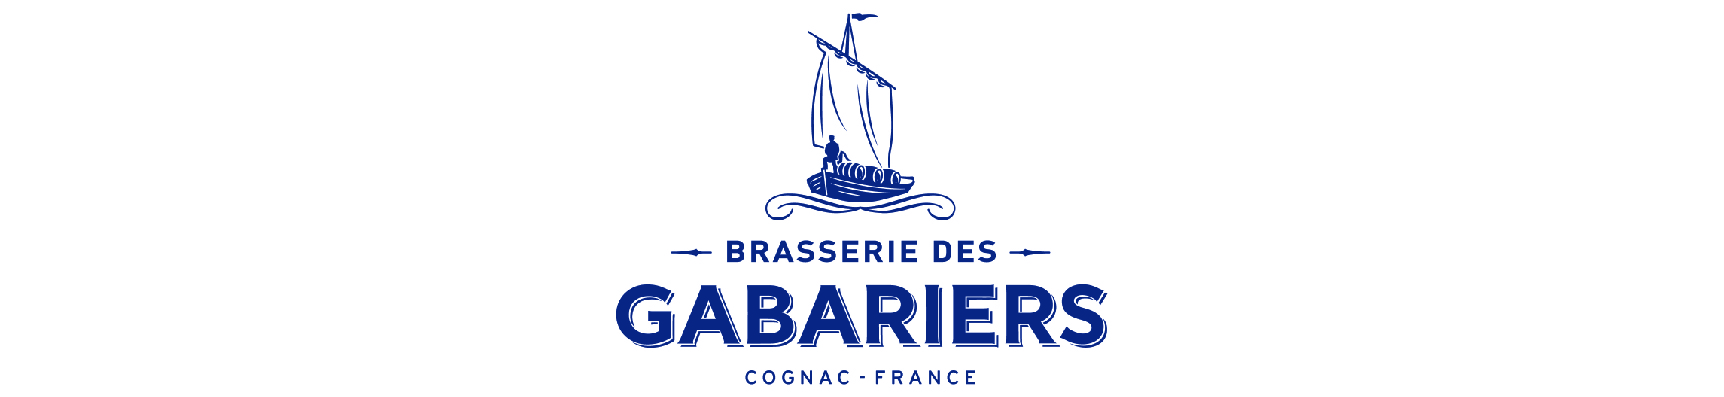 Logo gabariers 01